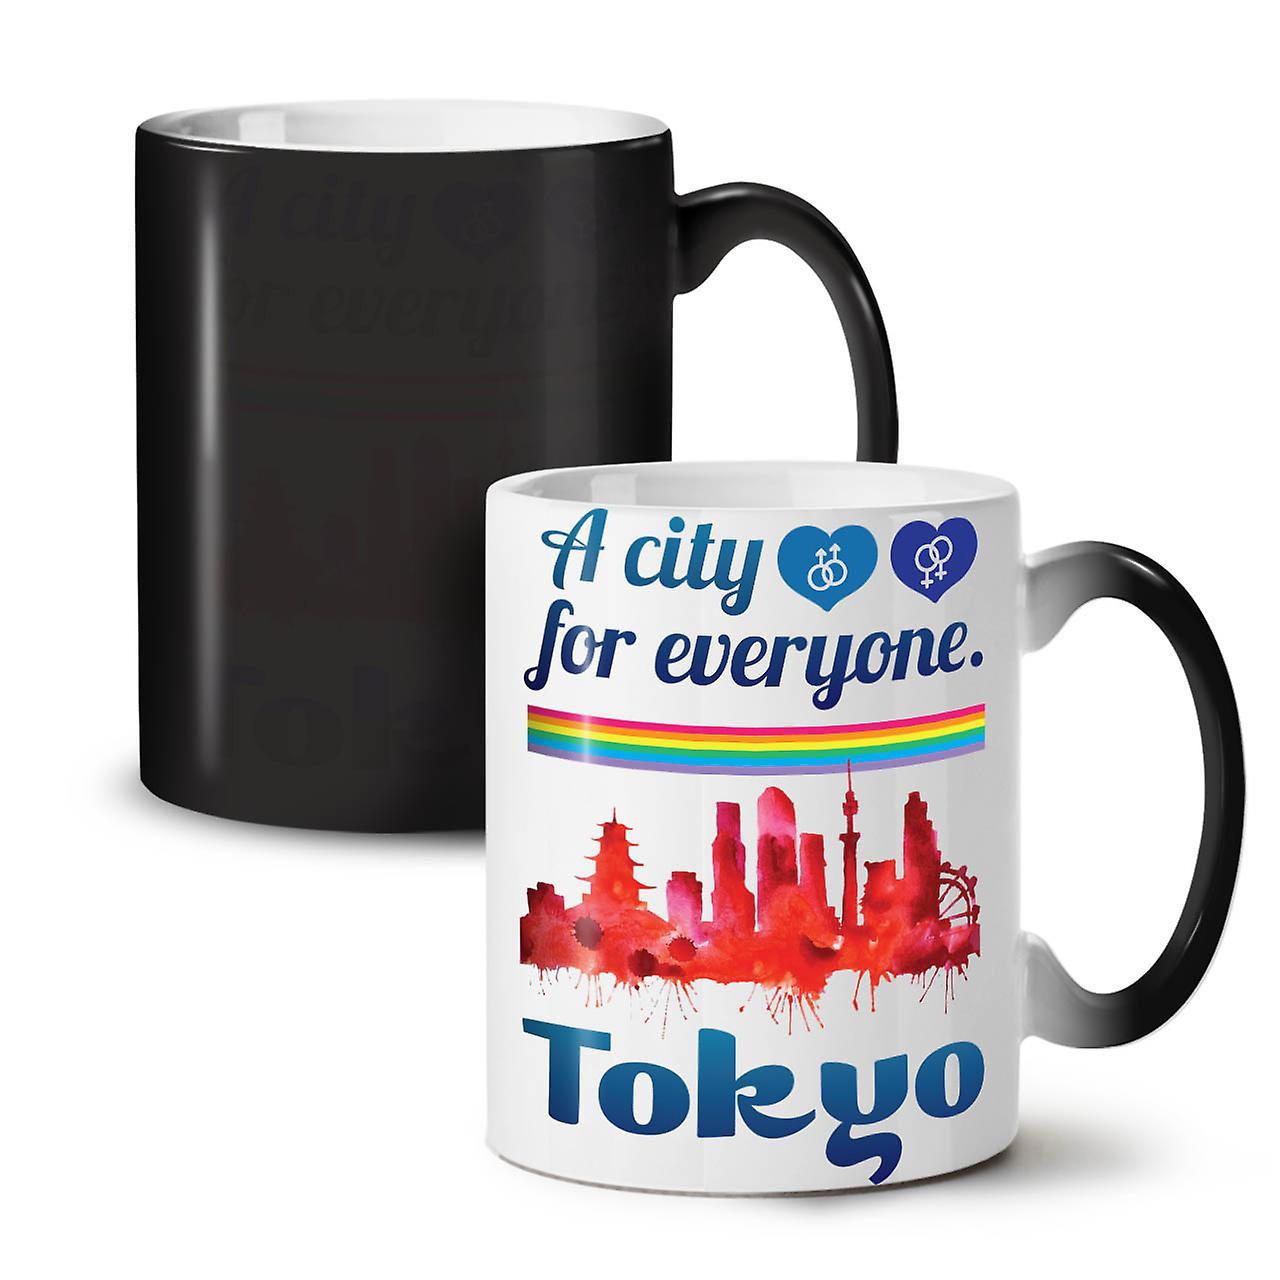 Urbain Nouvelle Café Couleur De Amour Céramique Tasse OzWellcoda Tokyo Changeant Noir Thé Pride 11 VUzpqSMLG